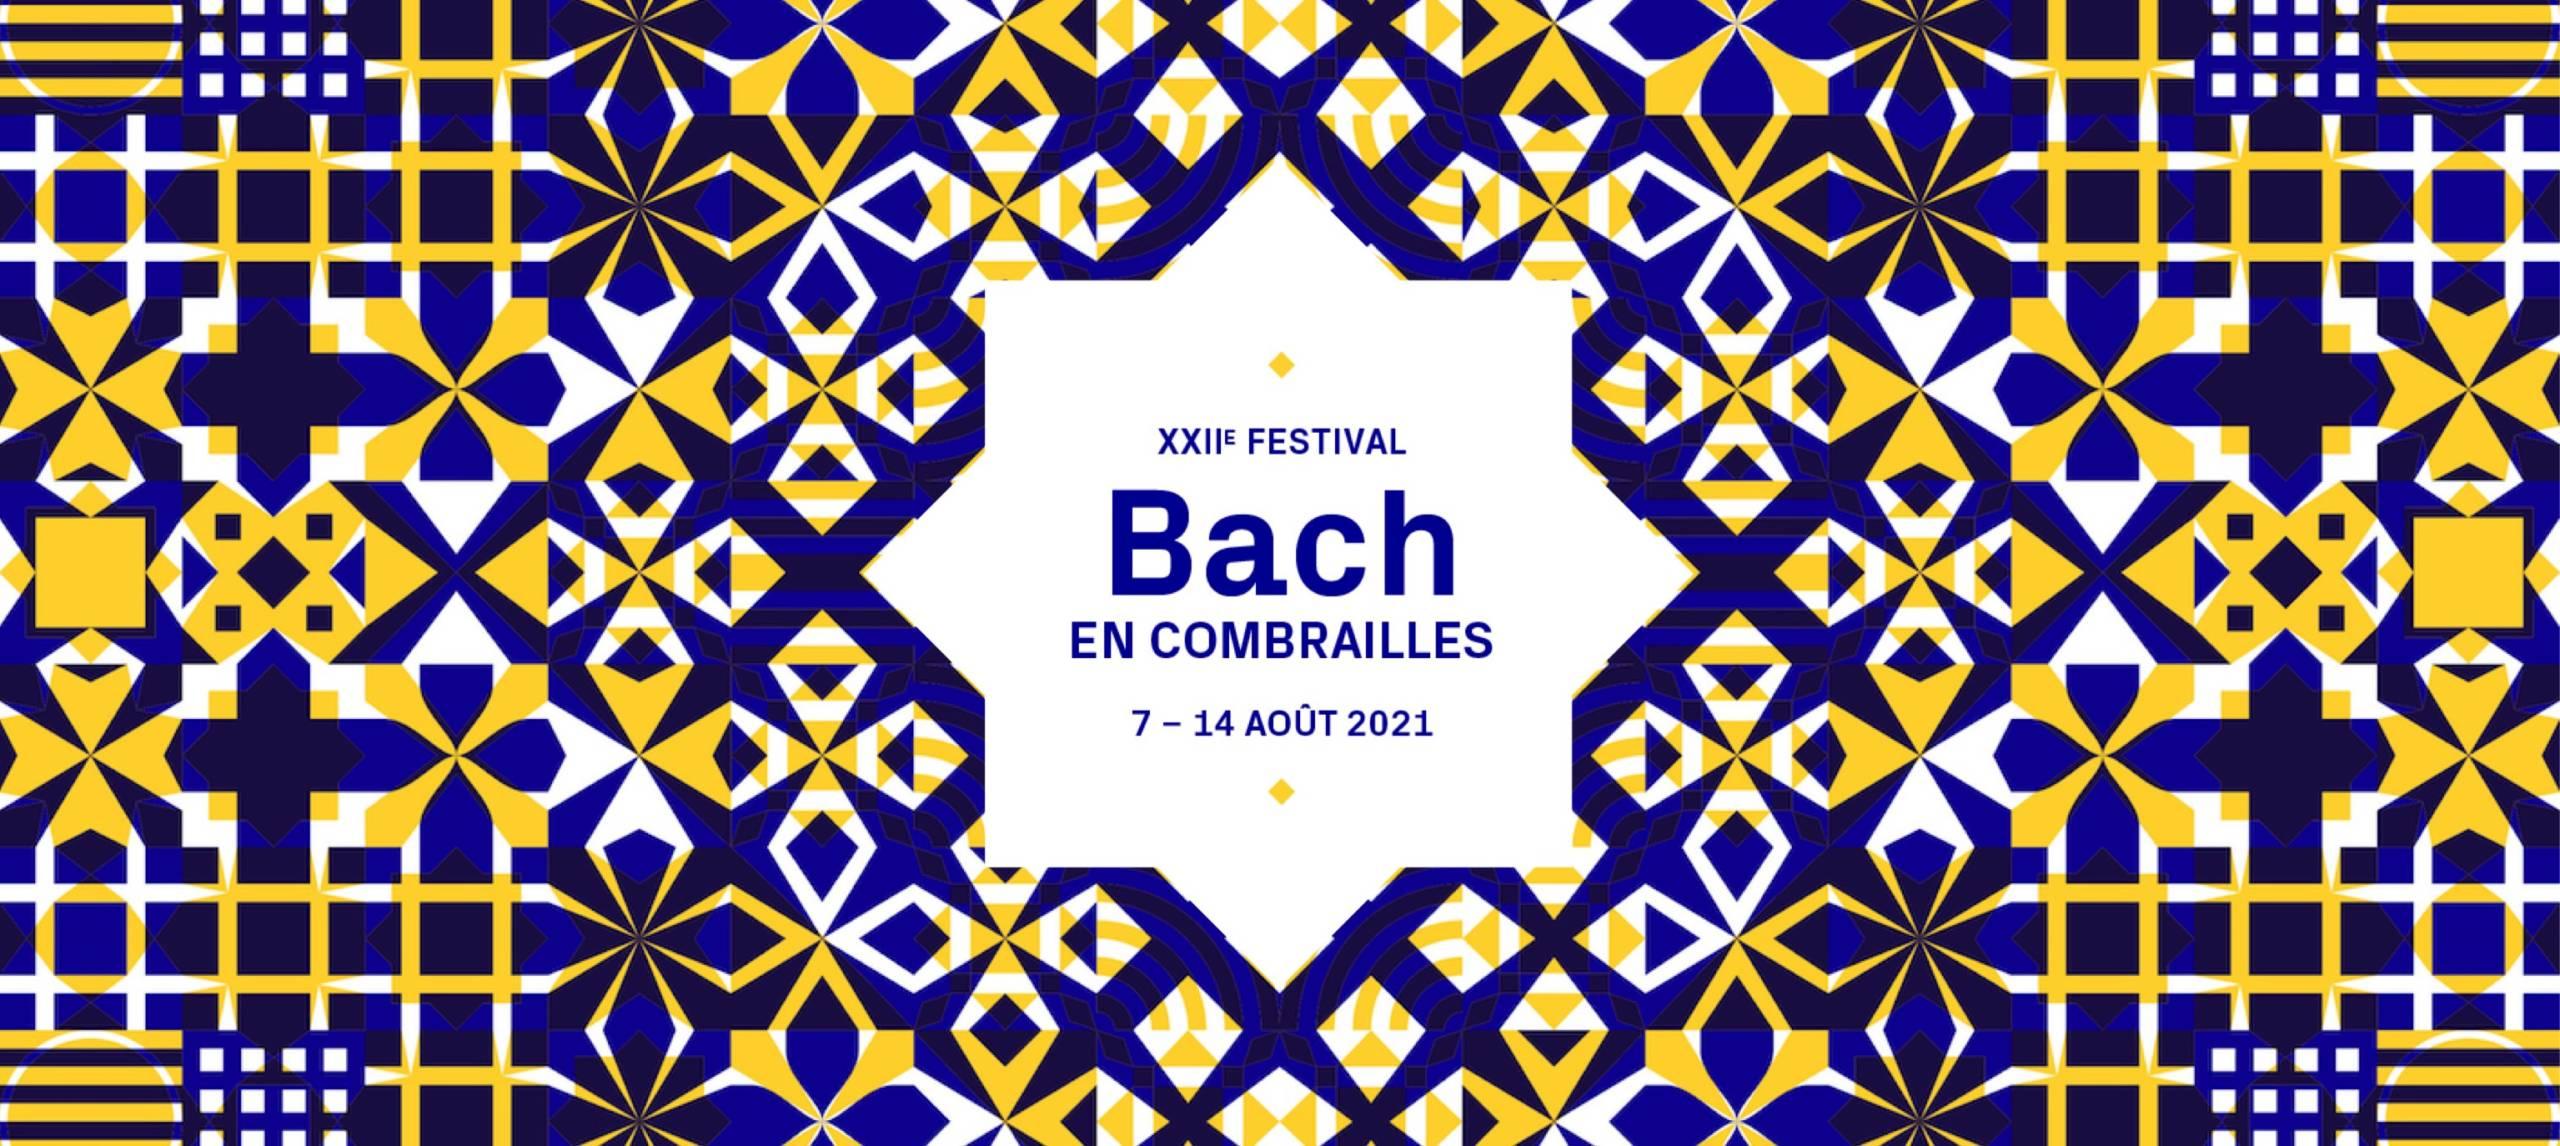 La programmation du XXIIe Festival